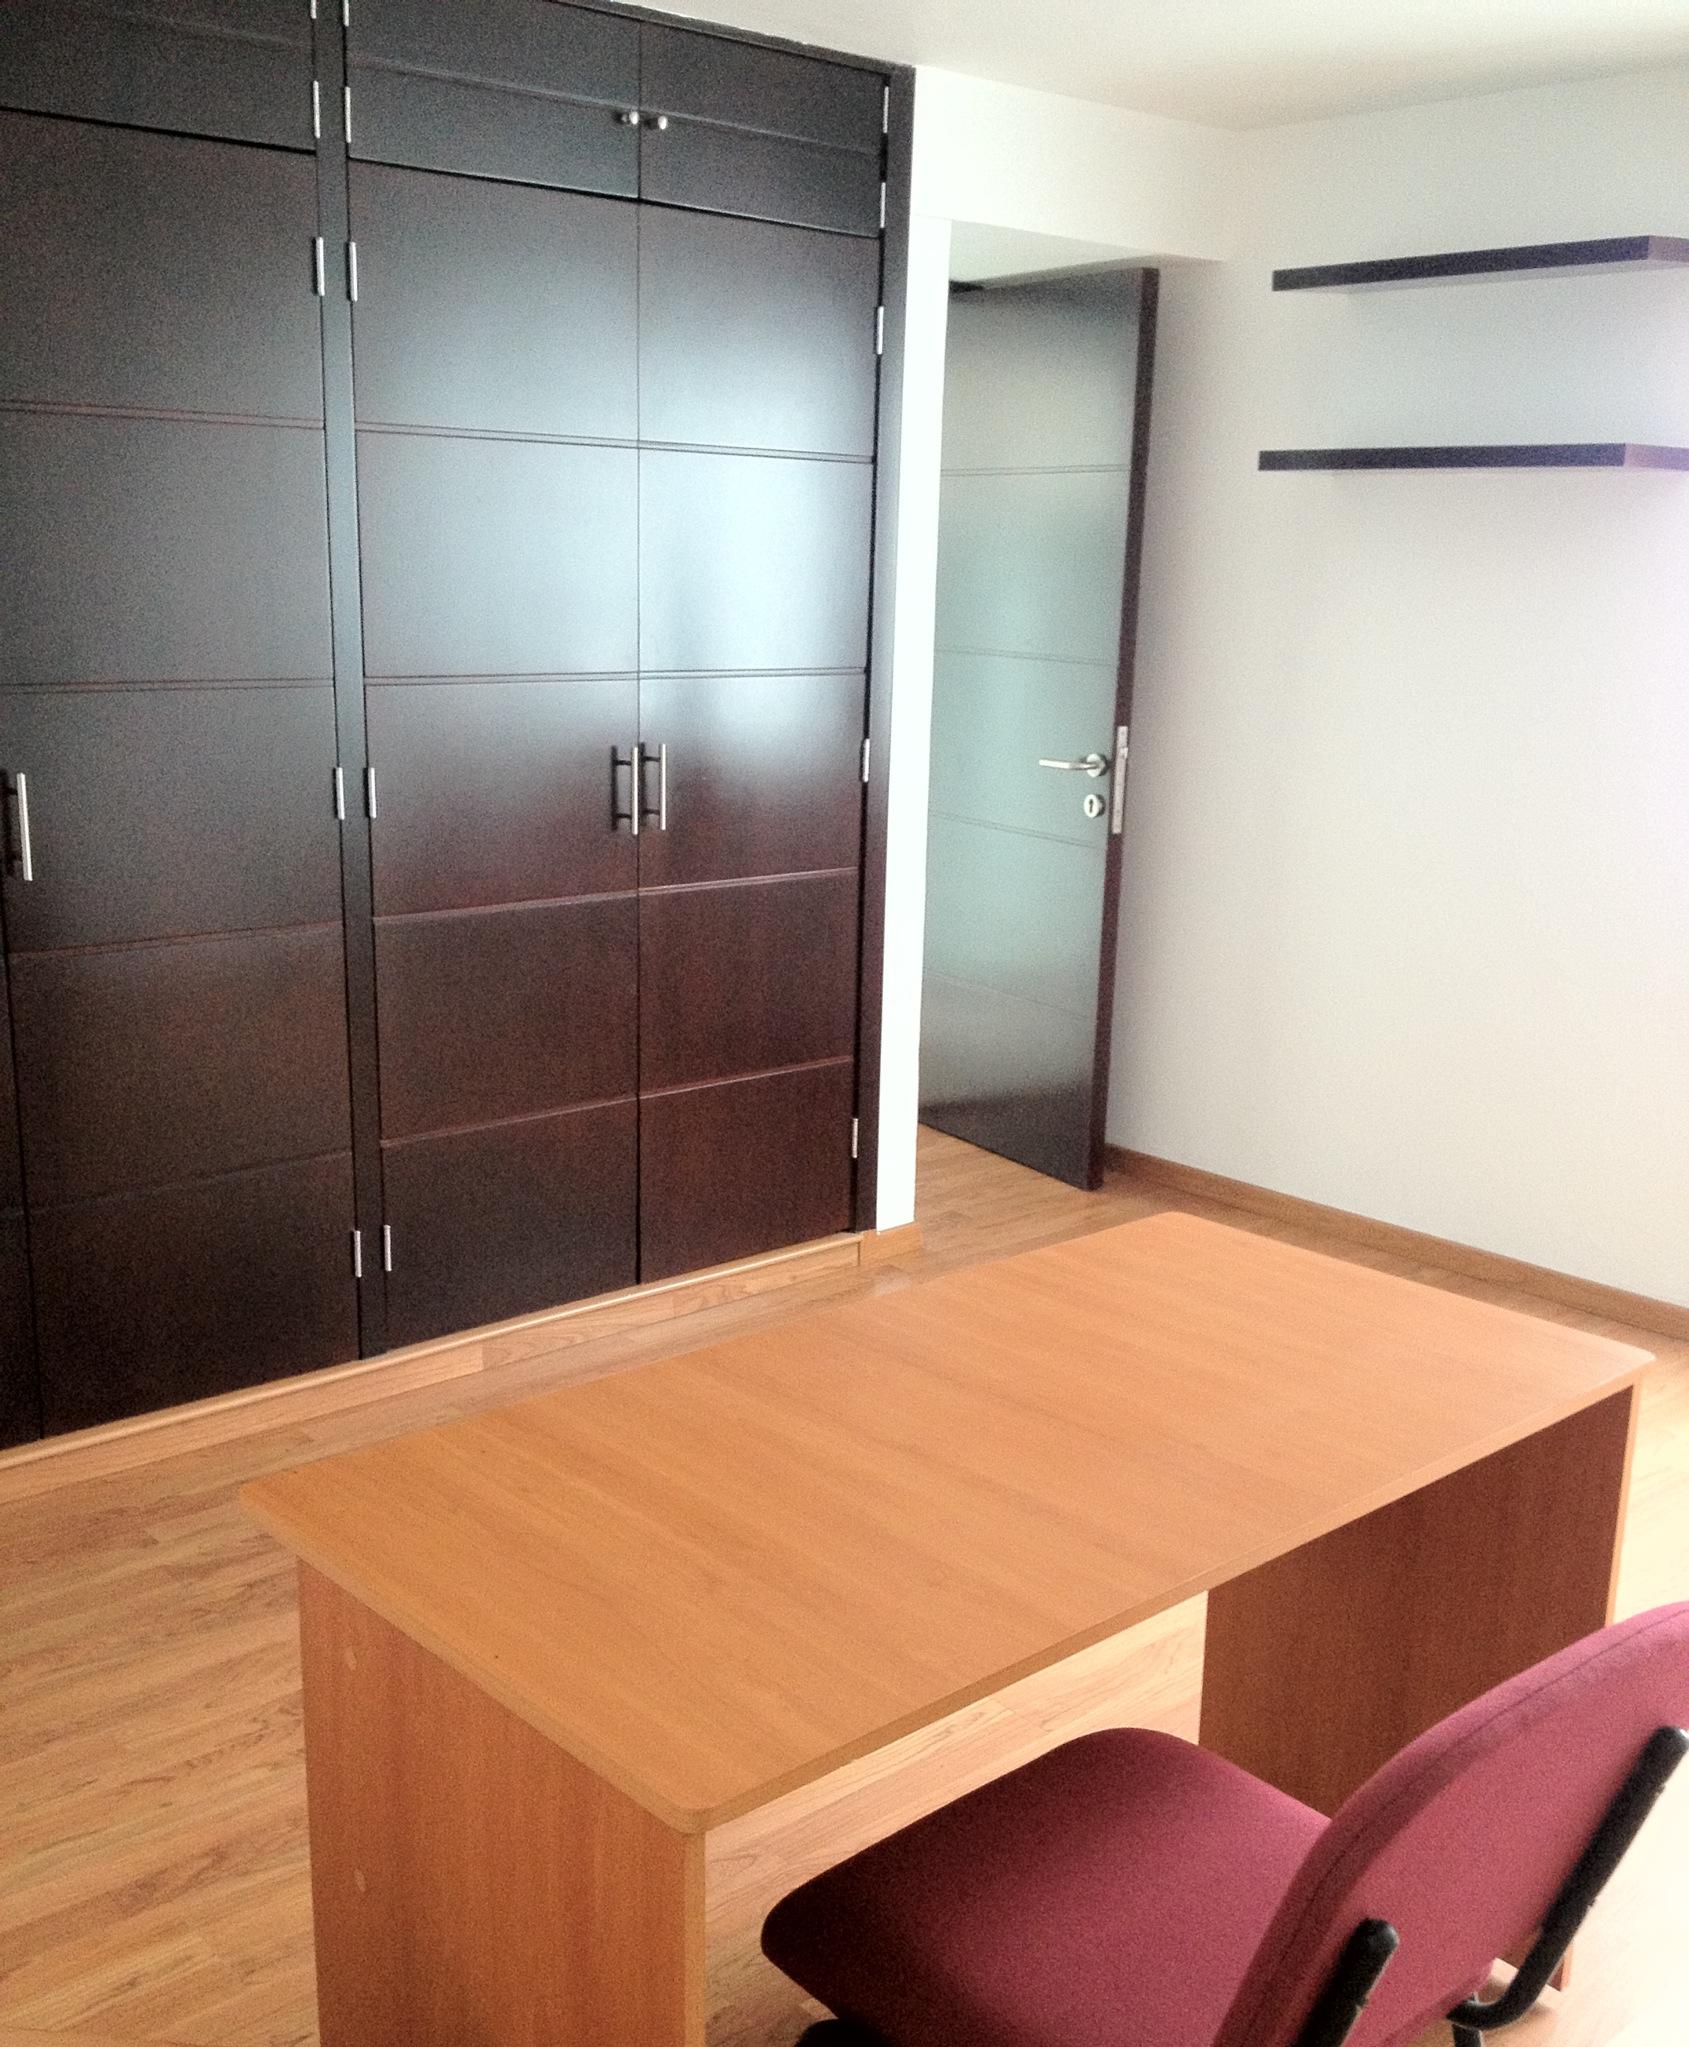 Oficinas en renta con la mejor ubicaci n postealomx for Ubicacion de las oficinas